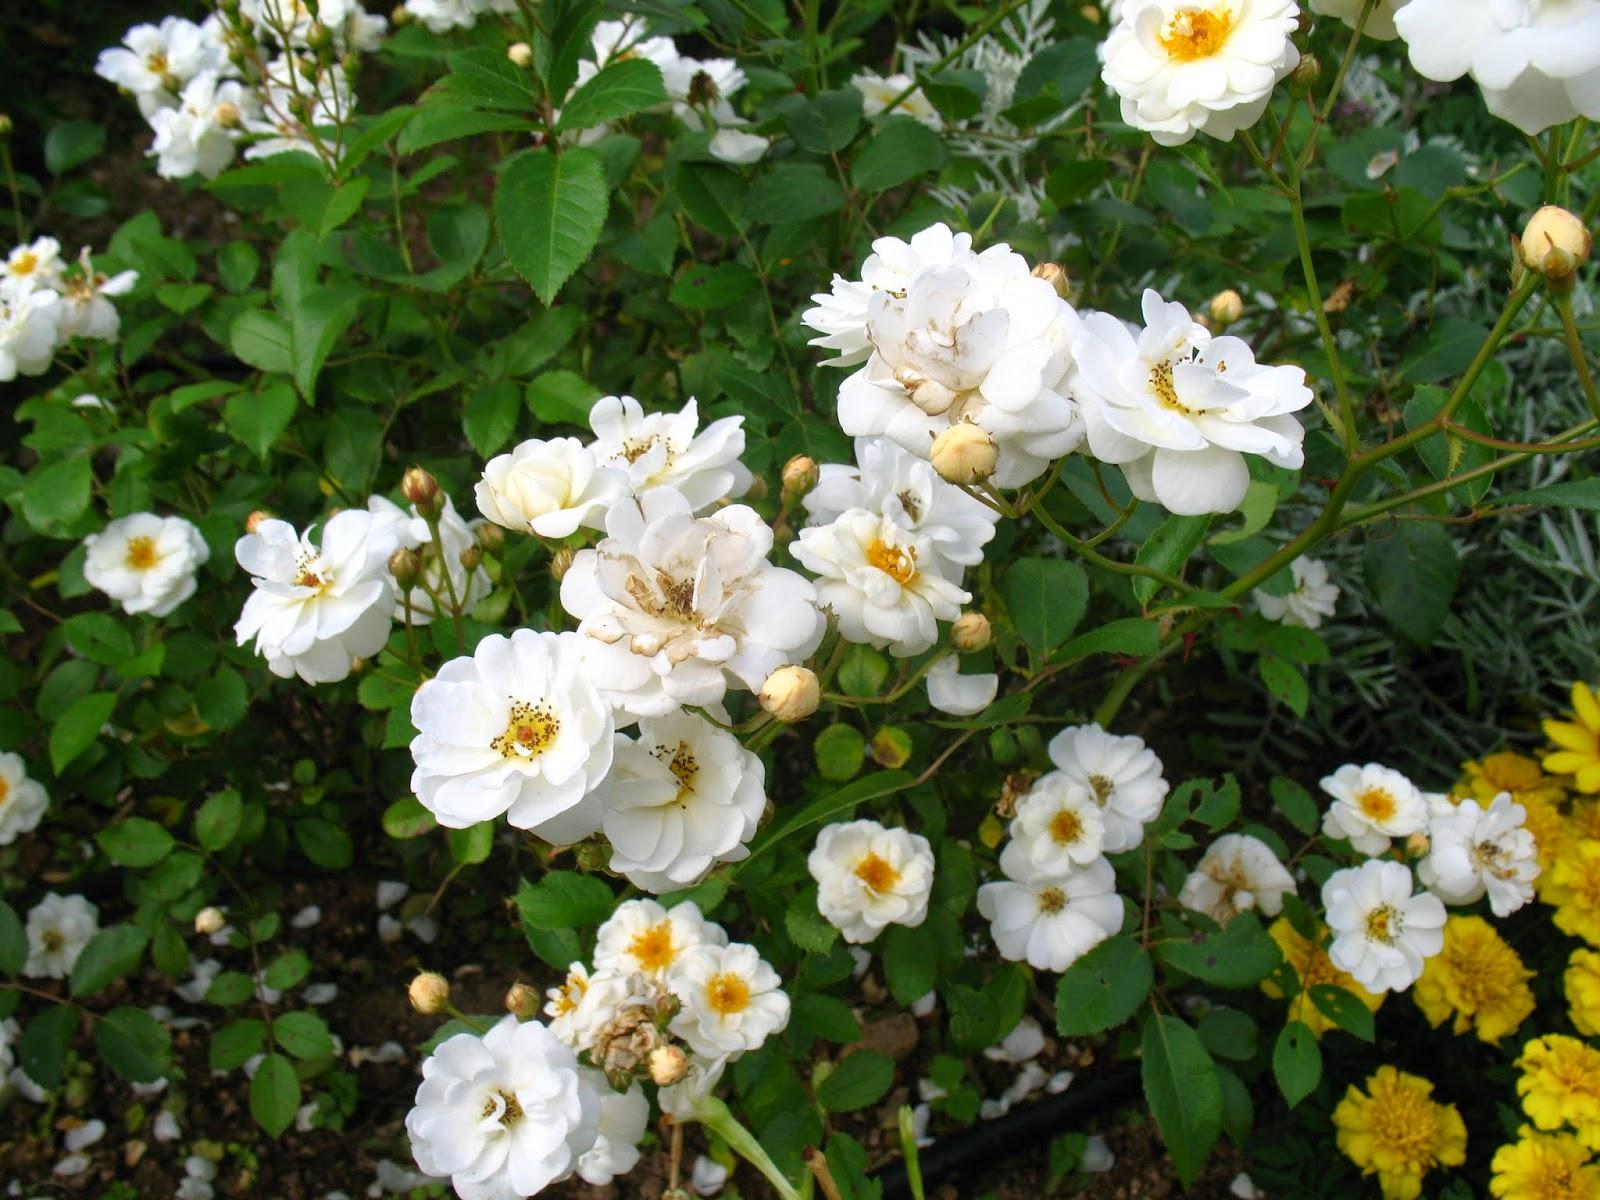 roses du jardin ch neland rosier bouquet blanc. Black Bedroom Furniture Sets. Home Design Ideas